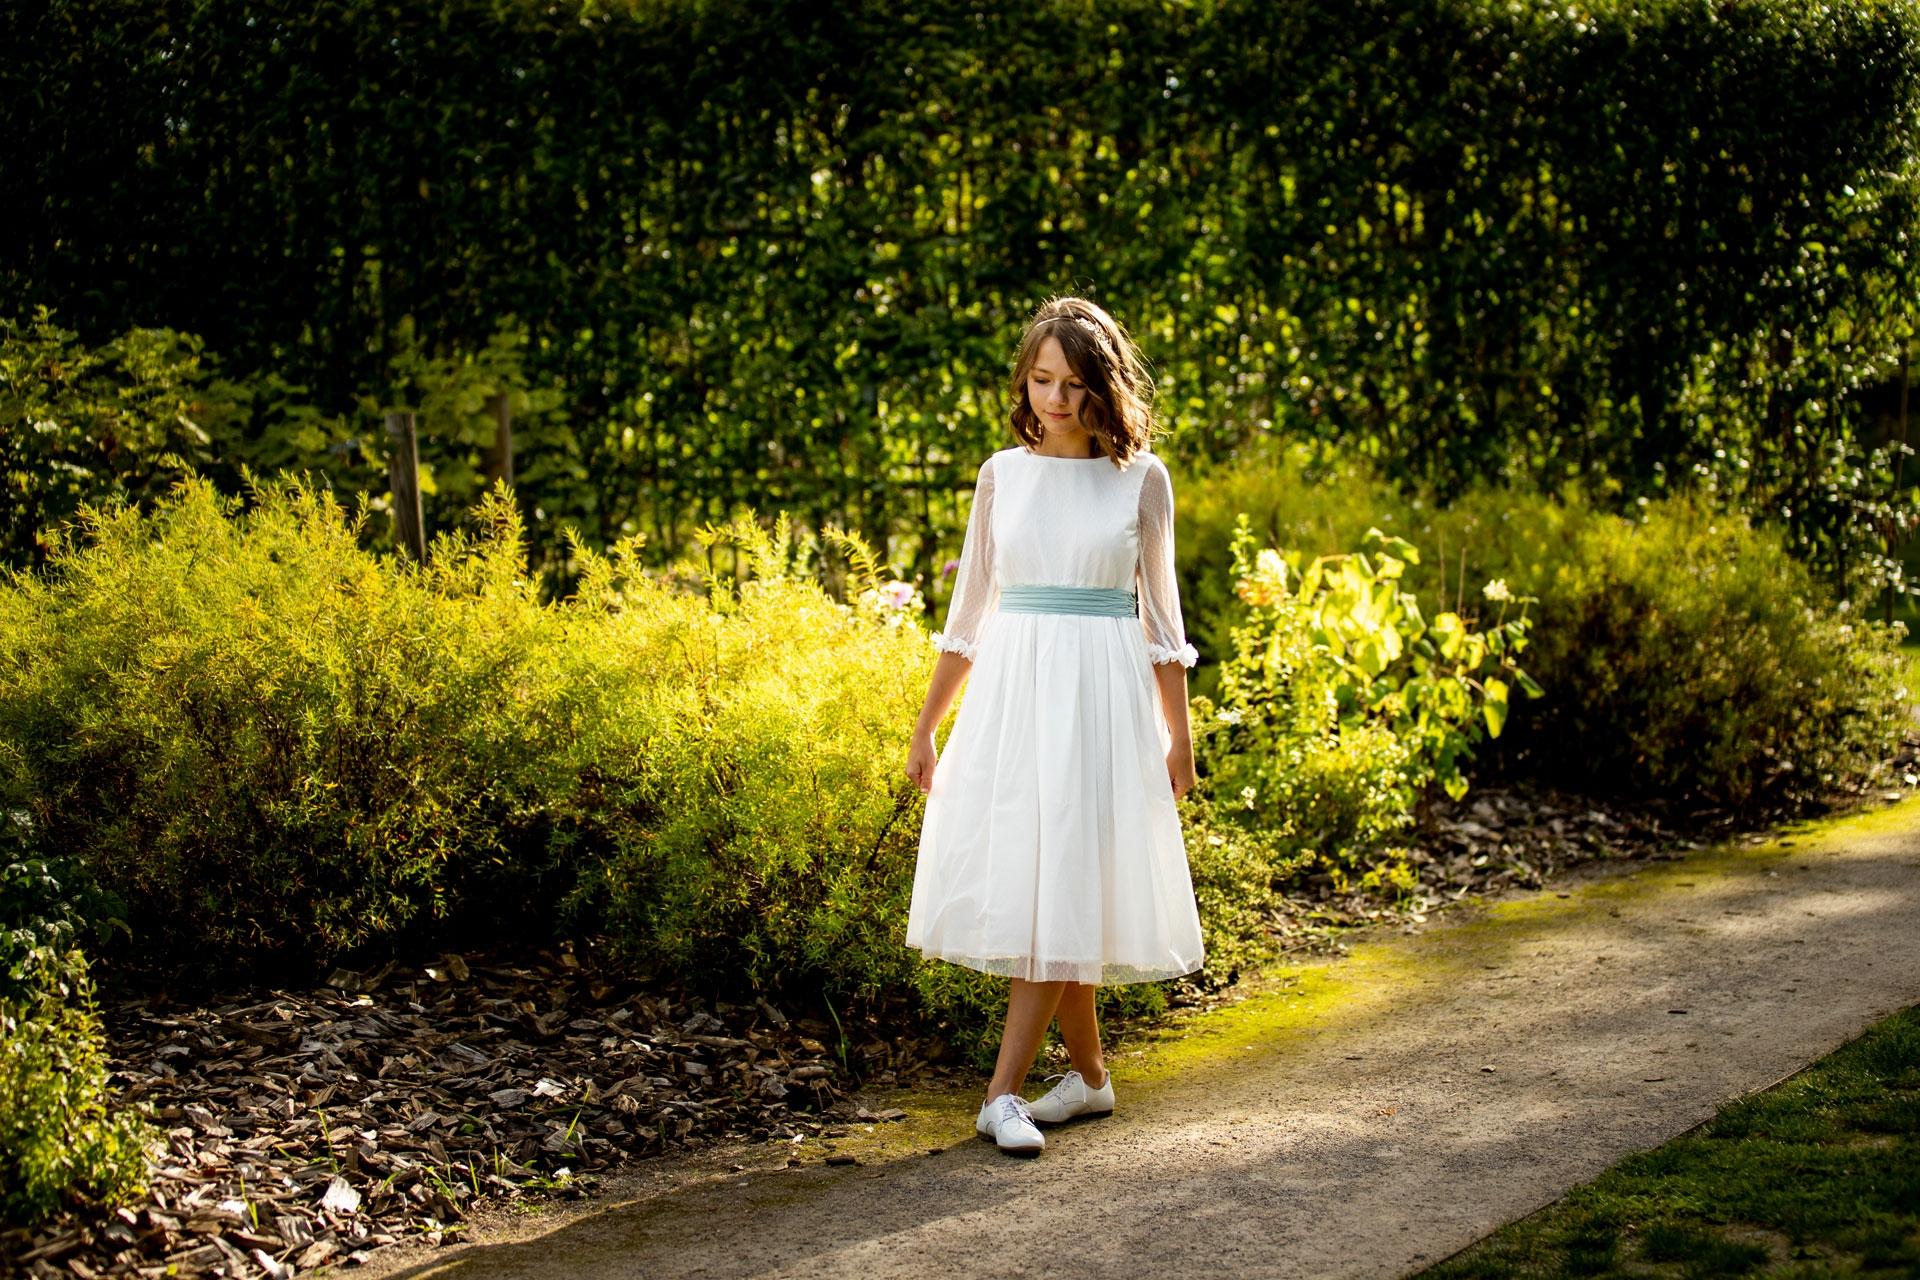 particuliers-portraits-communion-solene-08